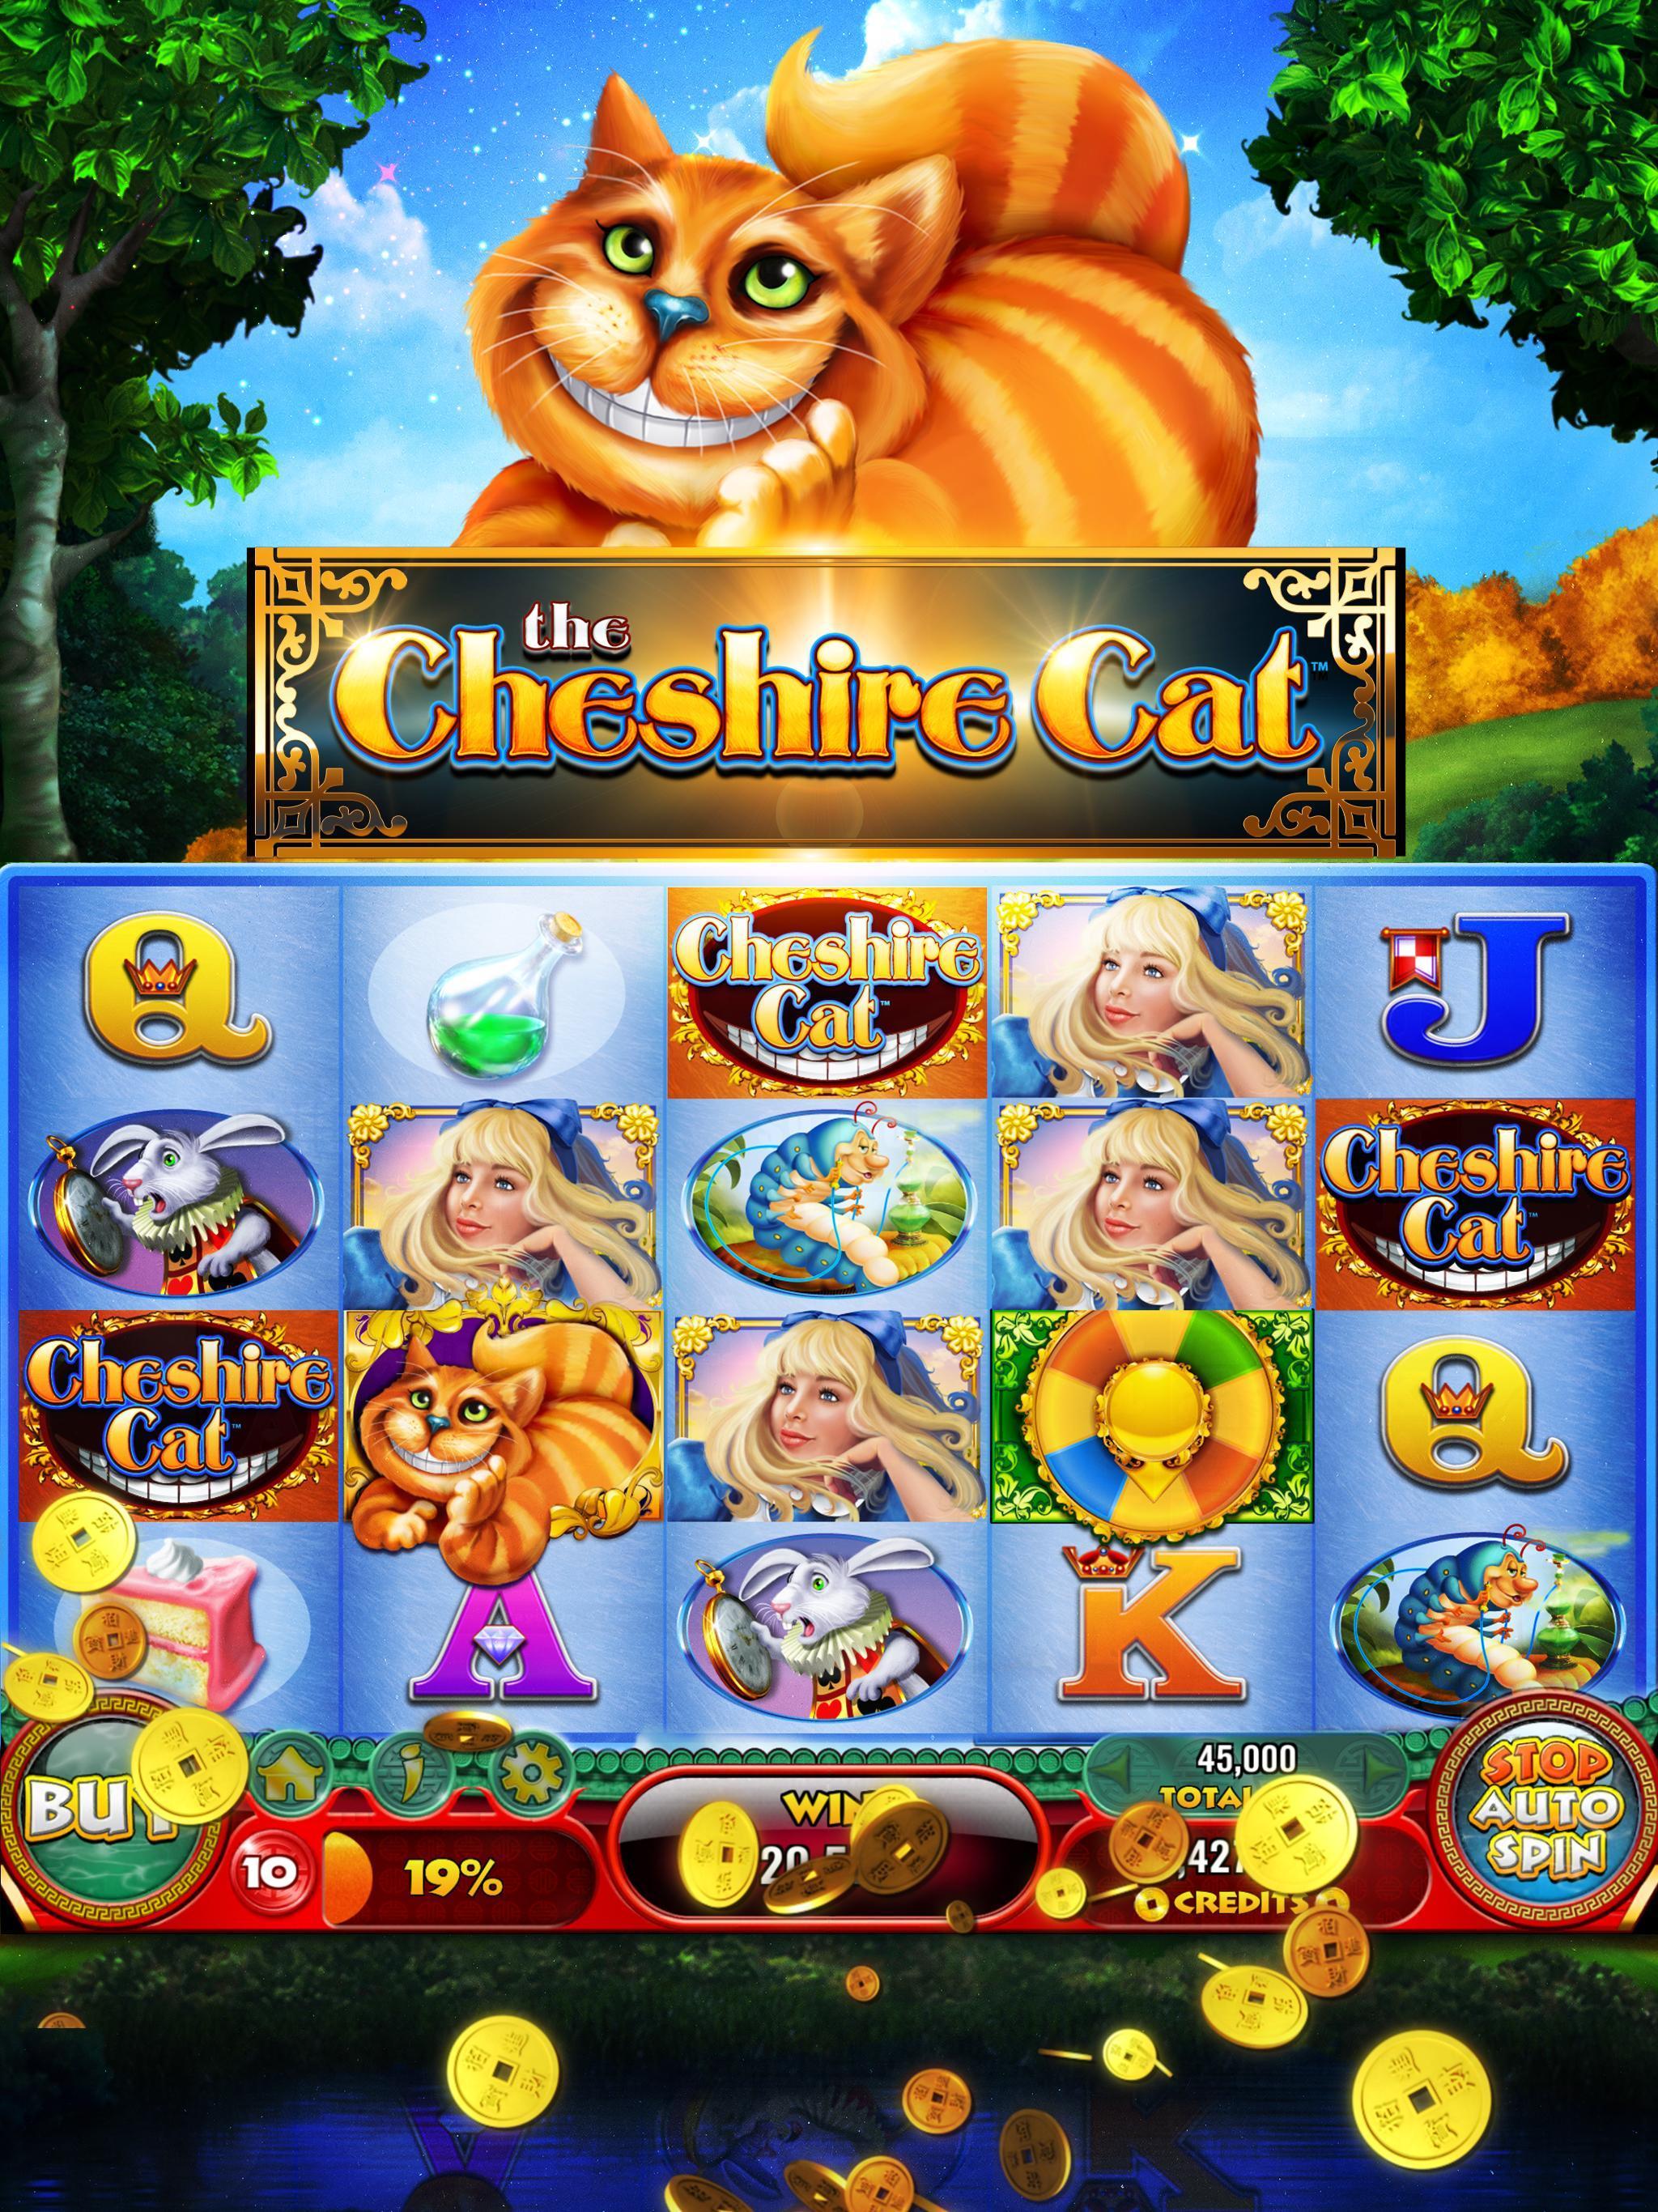 88 Fortunes Casino Games & Free Slot Machines 3.2.38 Screenshot 19